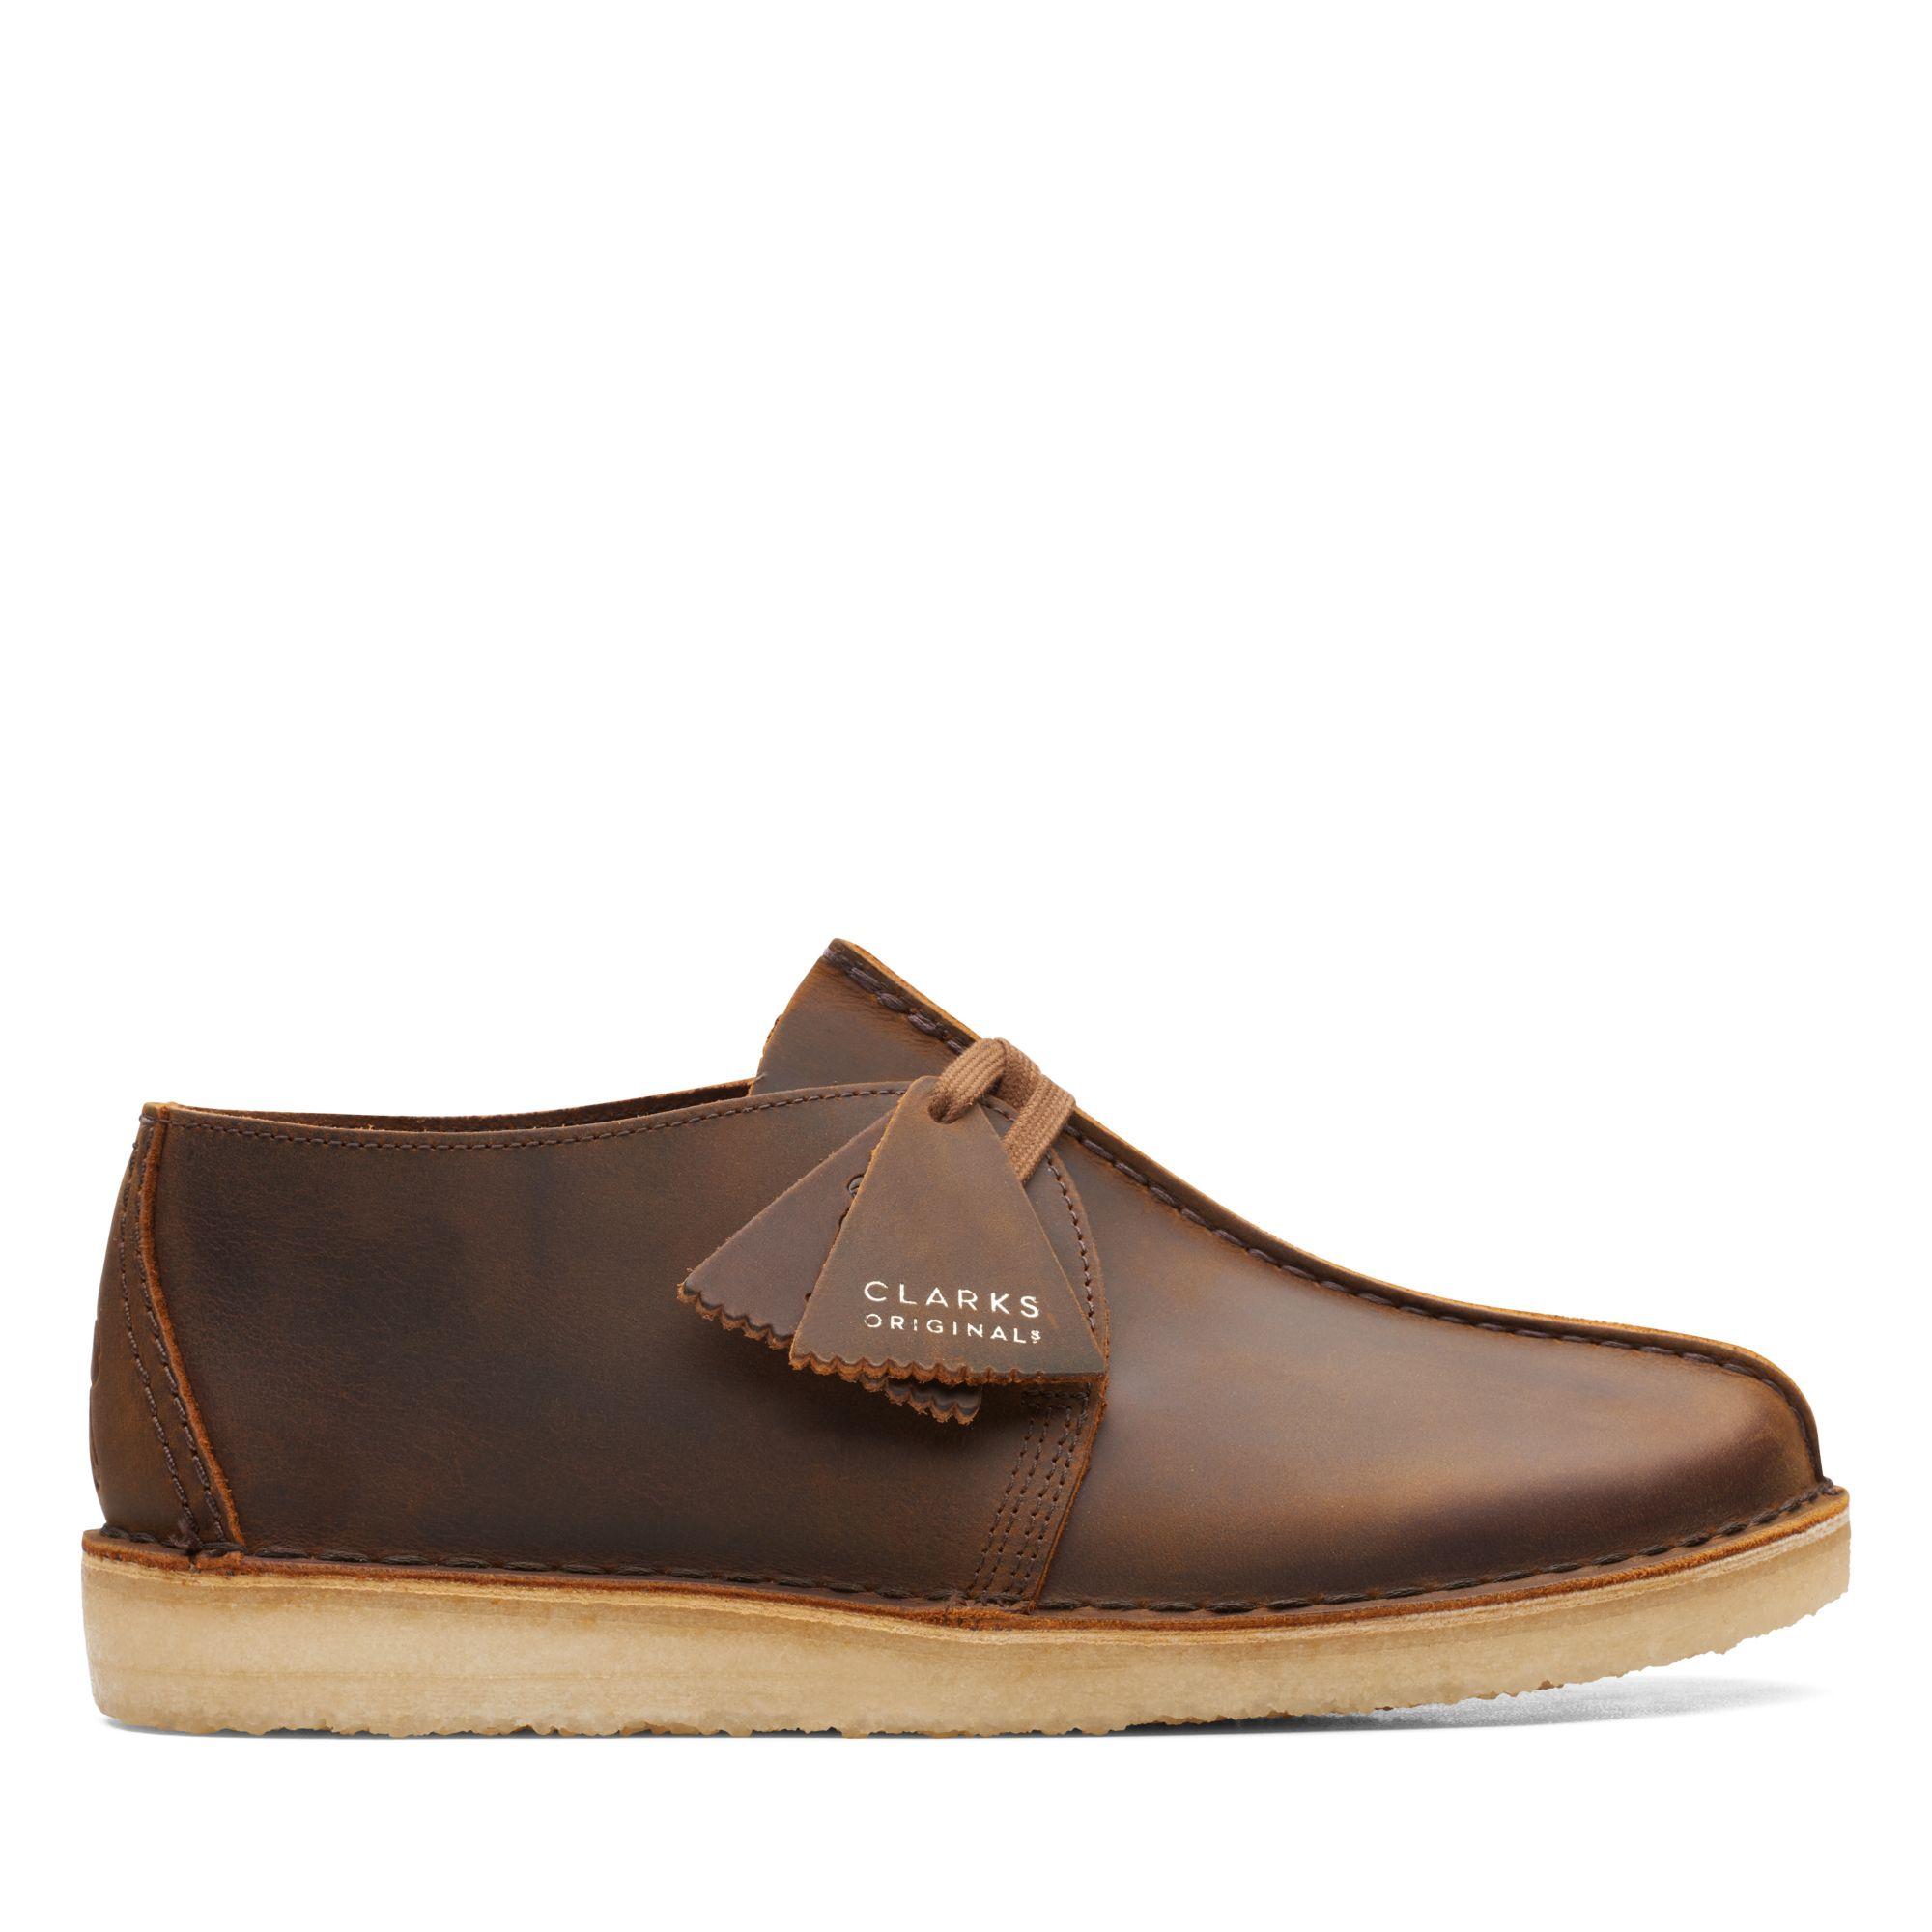 Clarks Desert Trek – Leather